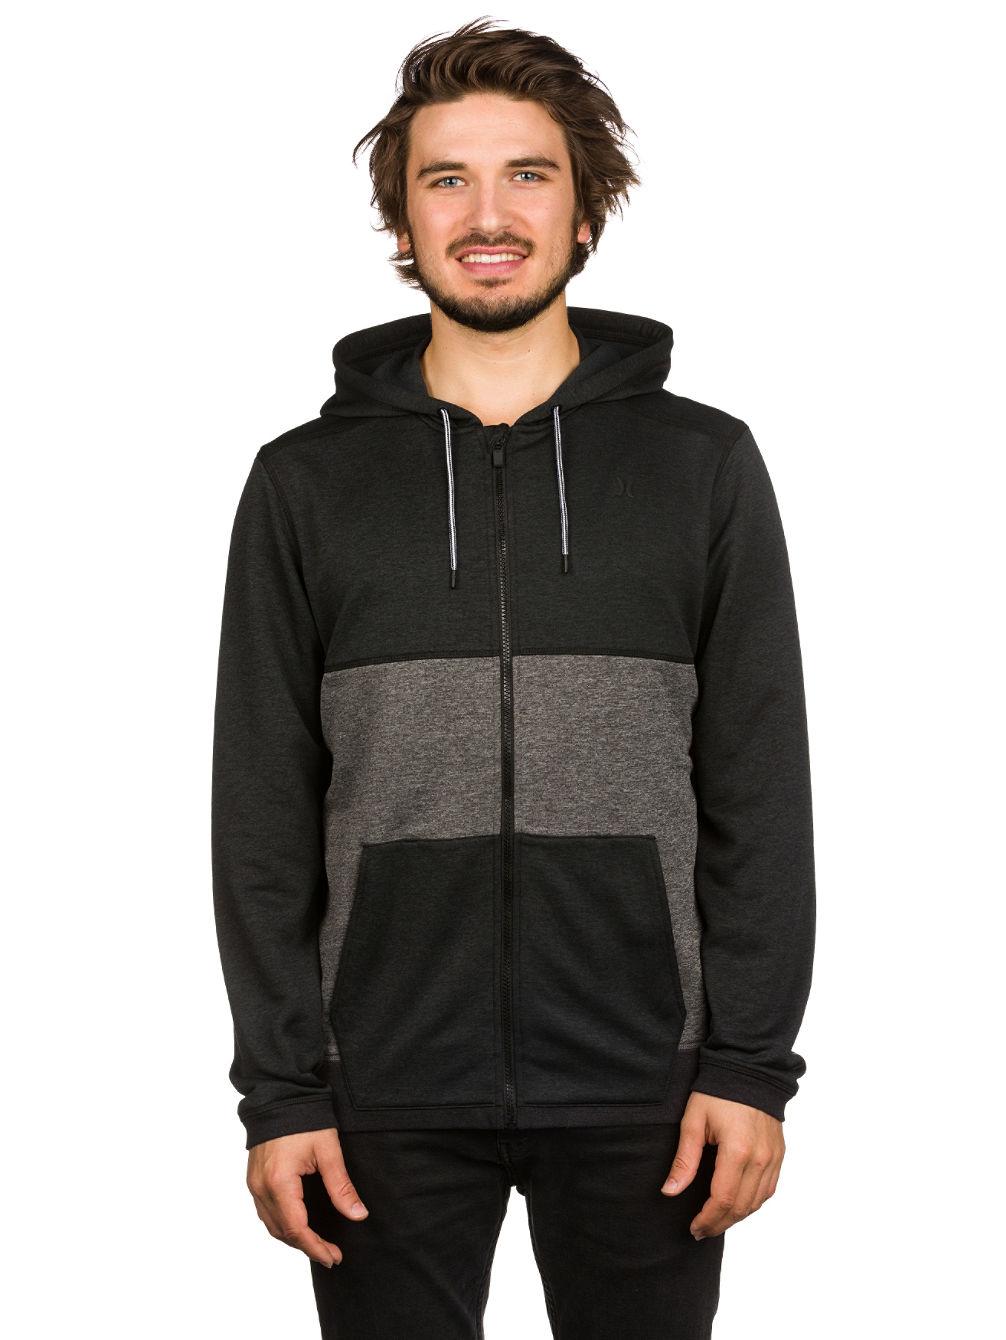 hurley-dri-fit-disperse-blocked-zip-hoodie